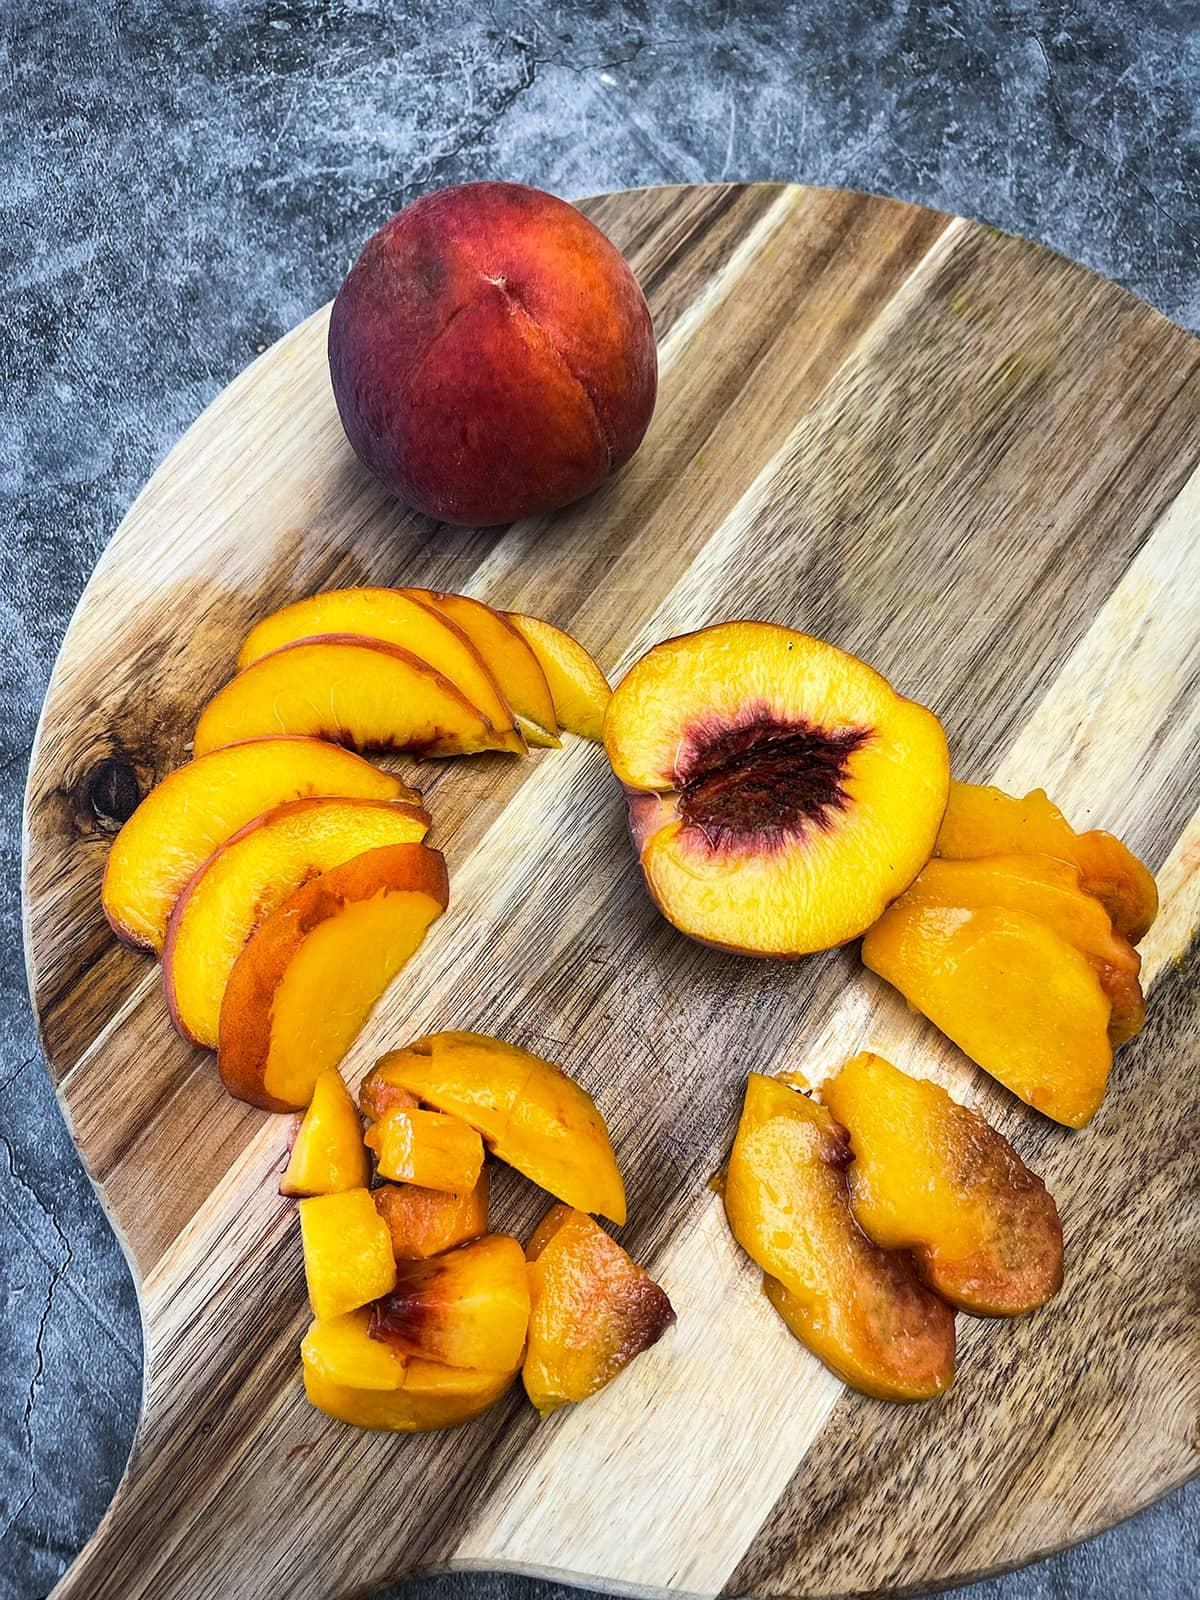 How to Cut A Peach